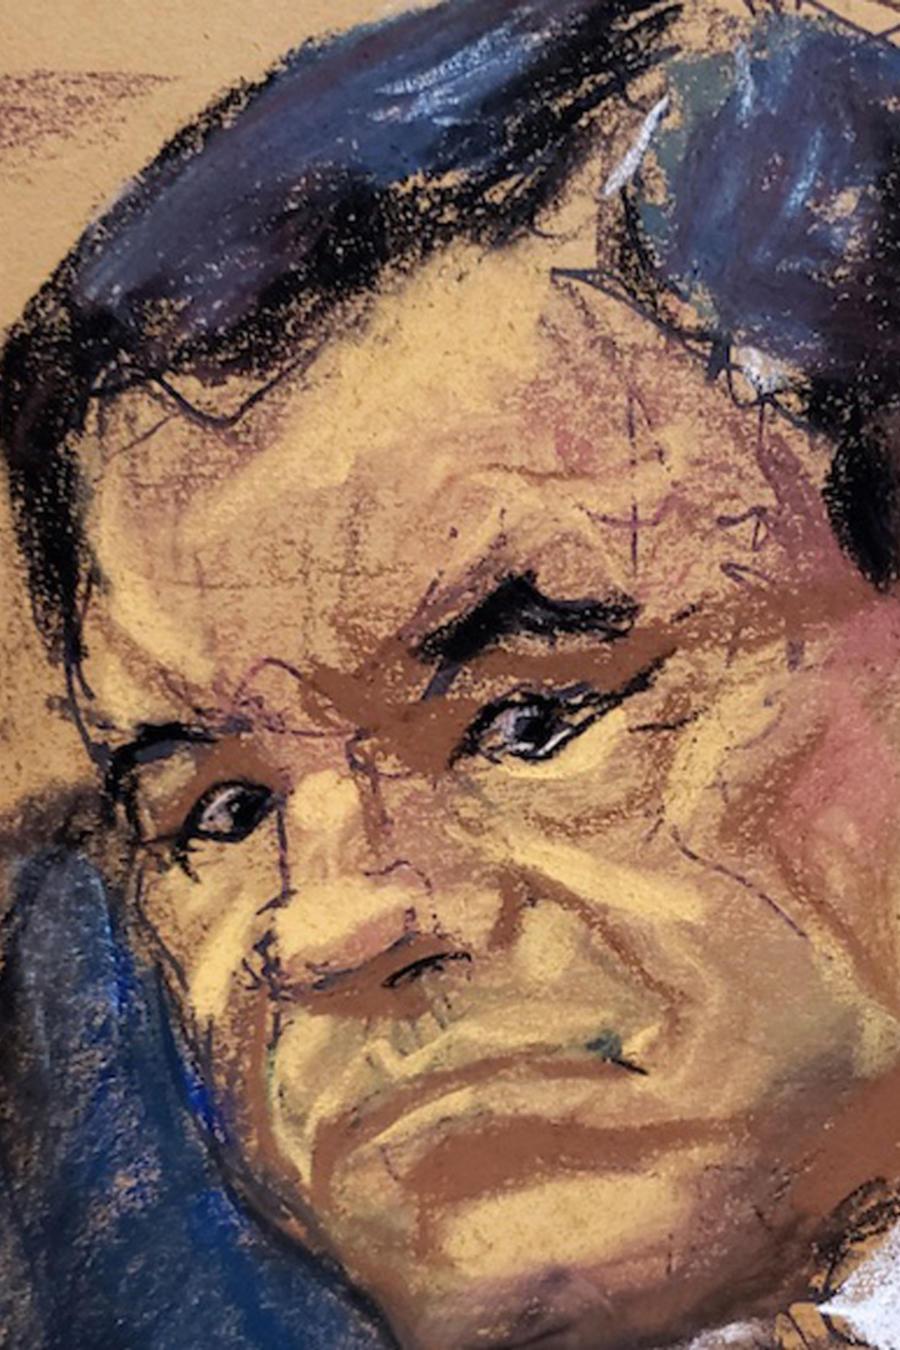 Un sketch de 'El Chapo' durante su juicio en una imagen de archivo.